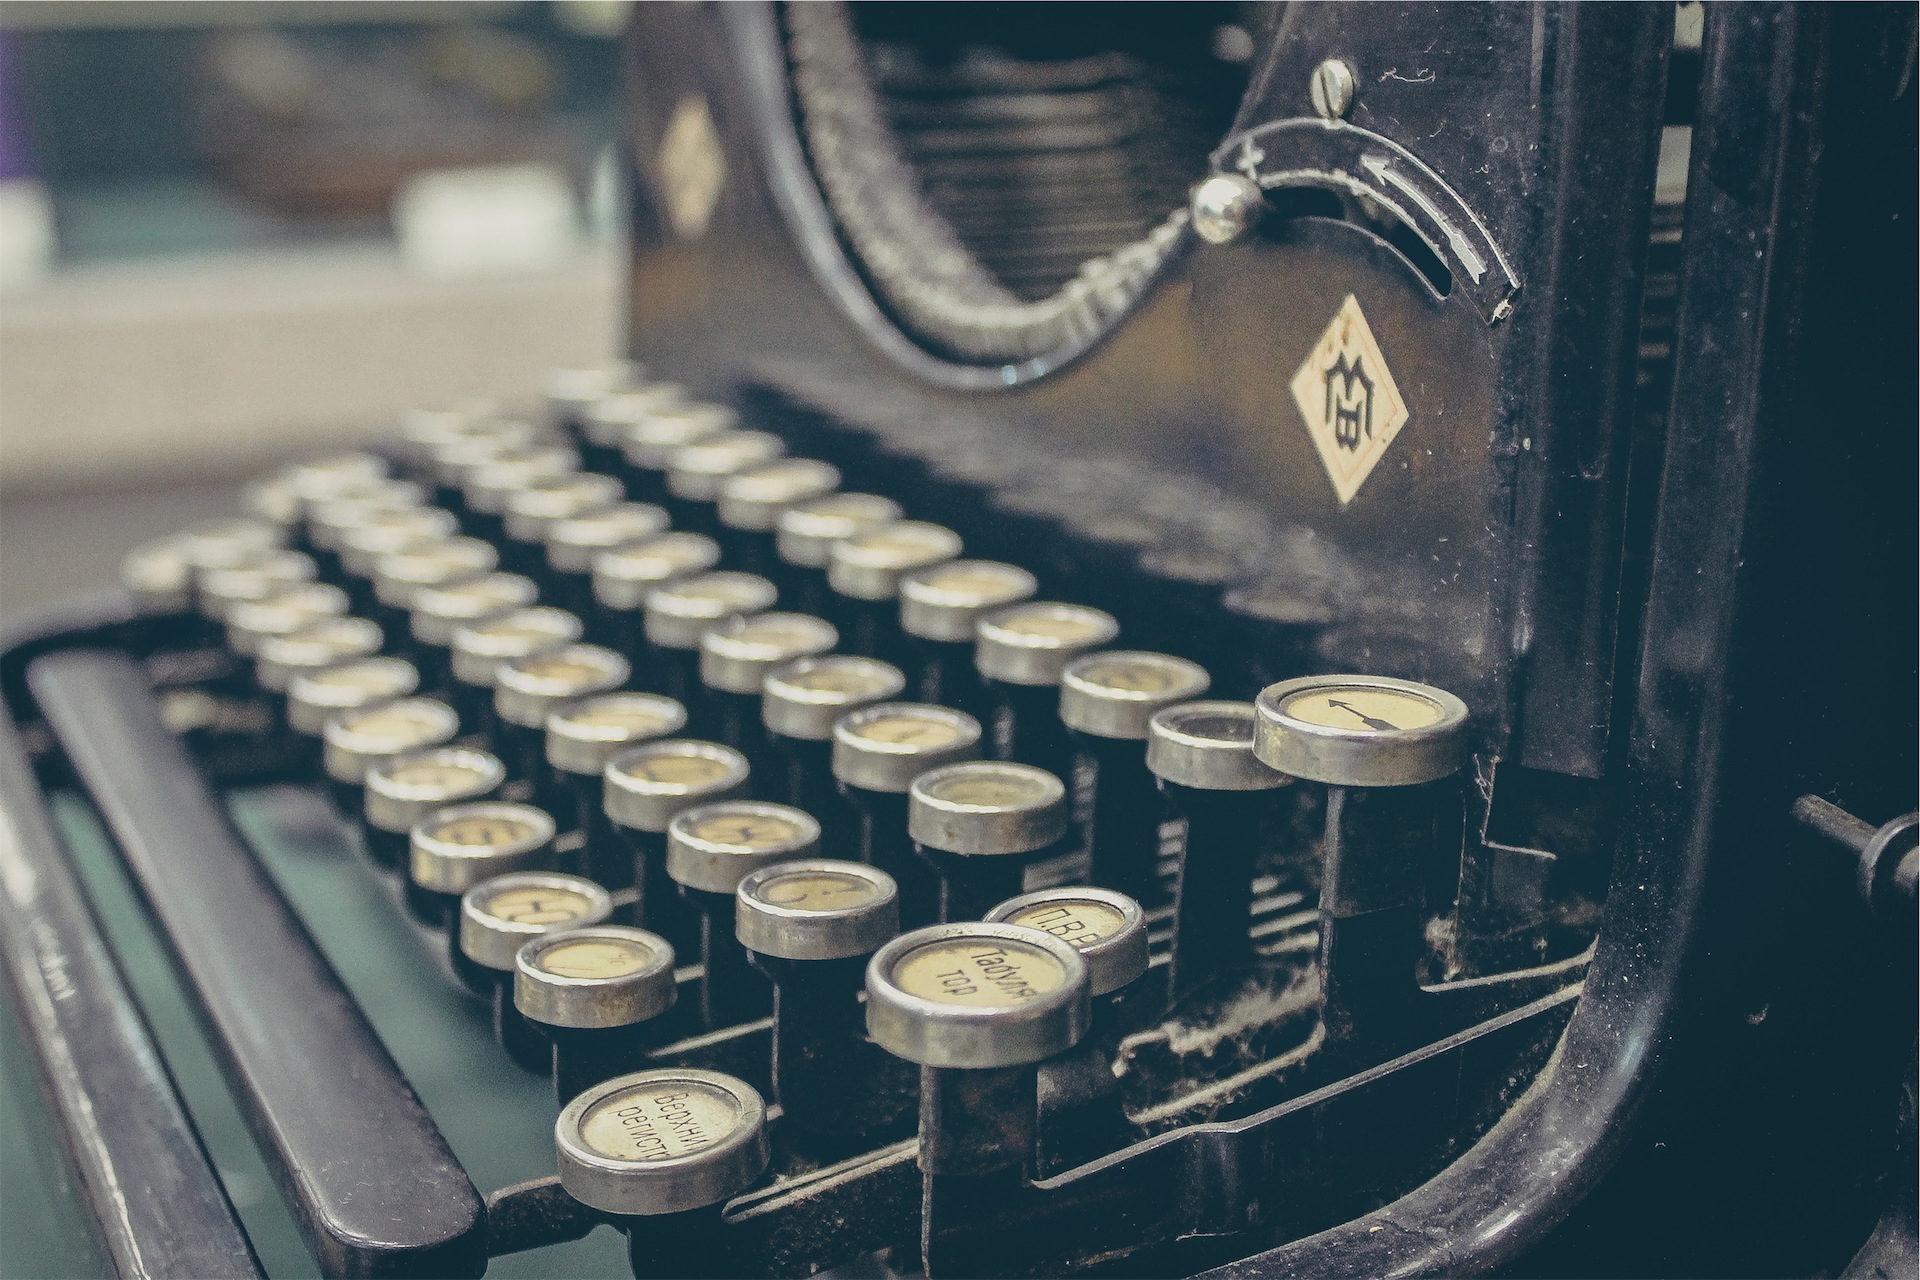 μηχάνημα, Να γράψω, κλειδιά, παλιά, παλιάς χρονολογίας - Wallpapers HD - Professor-falken.com